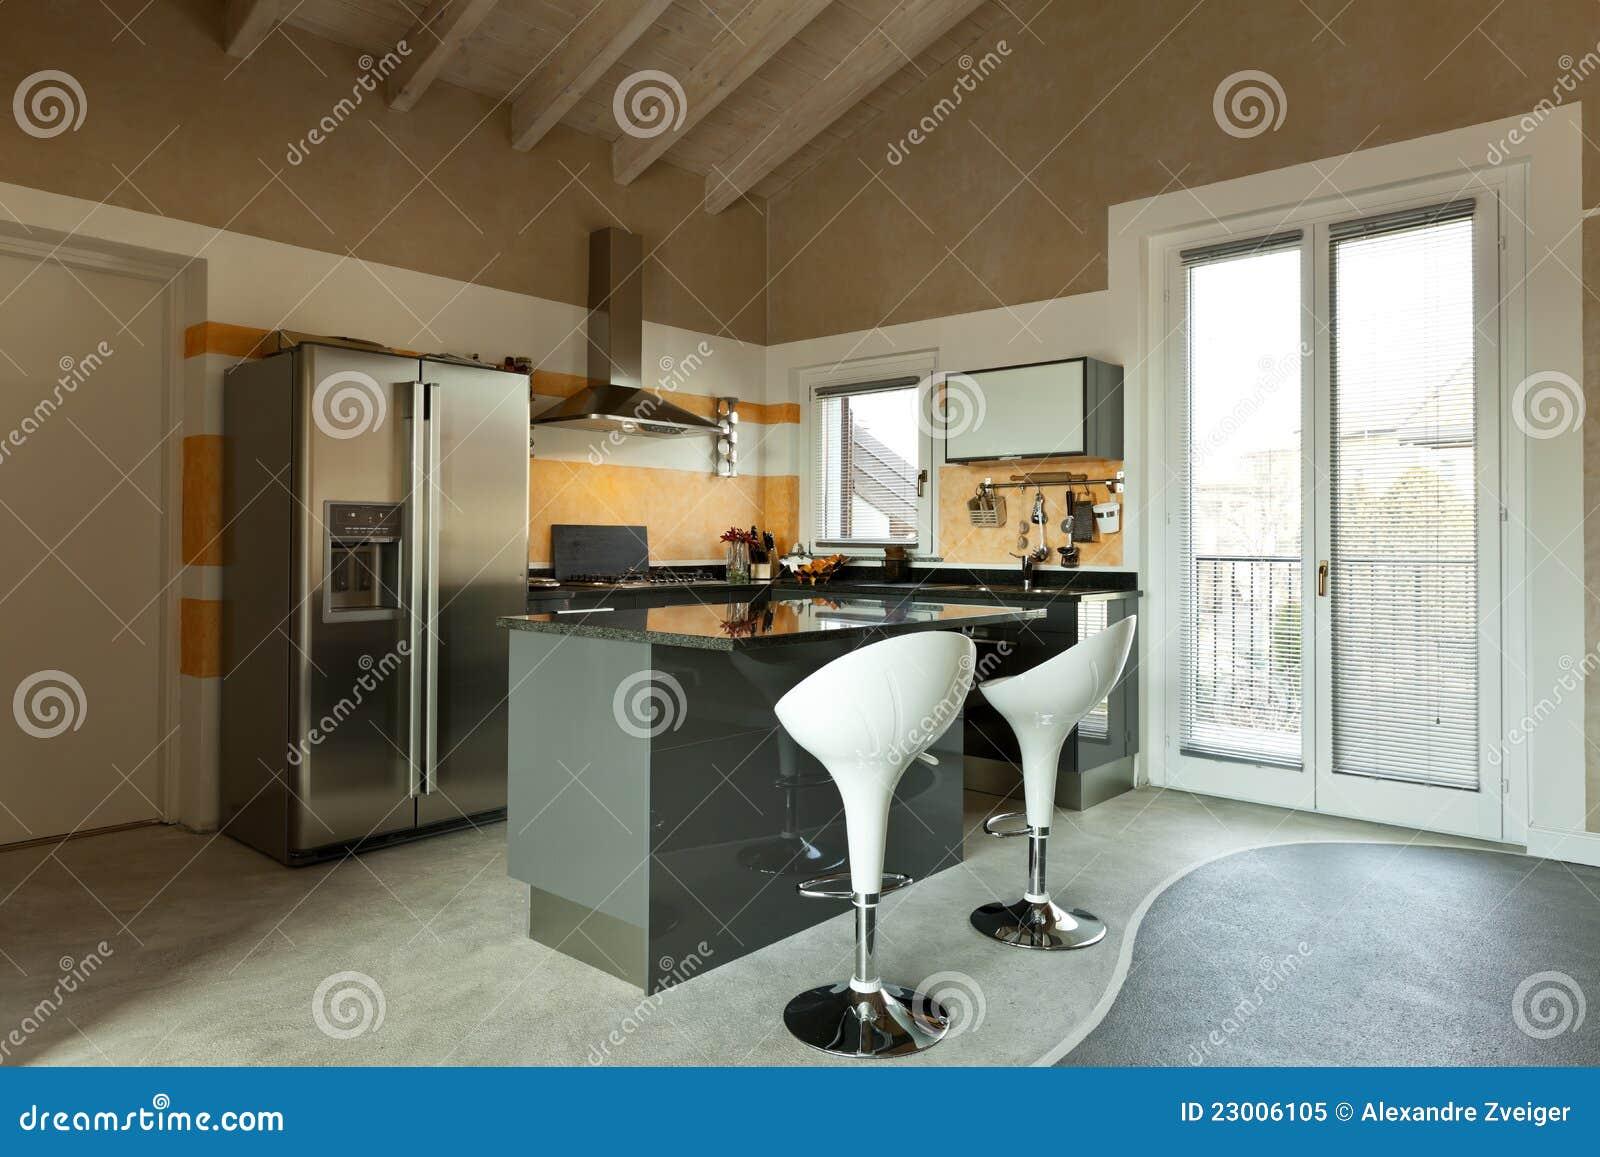 Het eiland van de keuken met twee krukken royalty vrije stock foto afbeelding 23006105 - Meubilair outdoor houten keuken ...